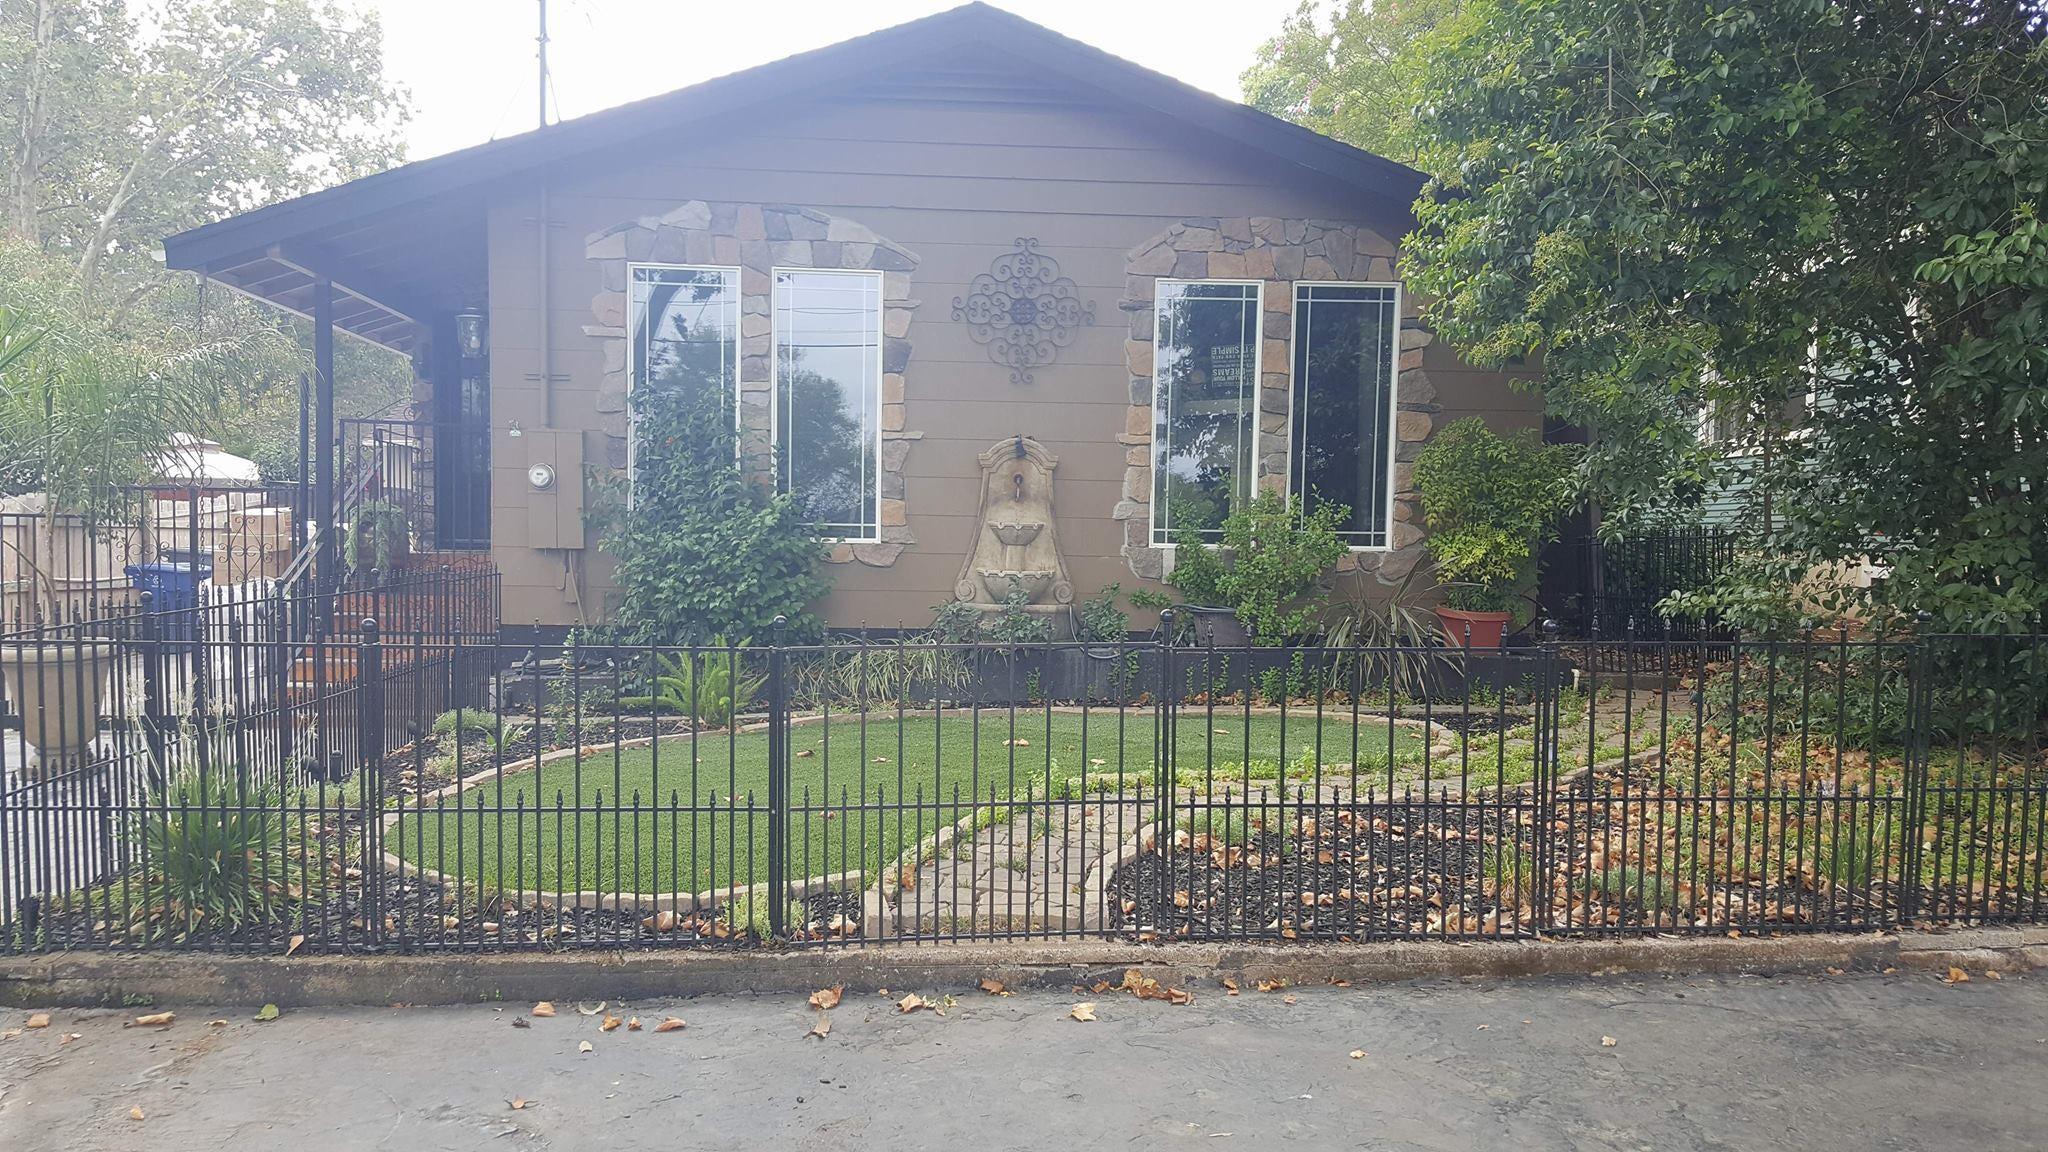 1840 Chestnut St, Redding, CA 96001